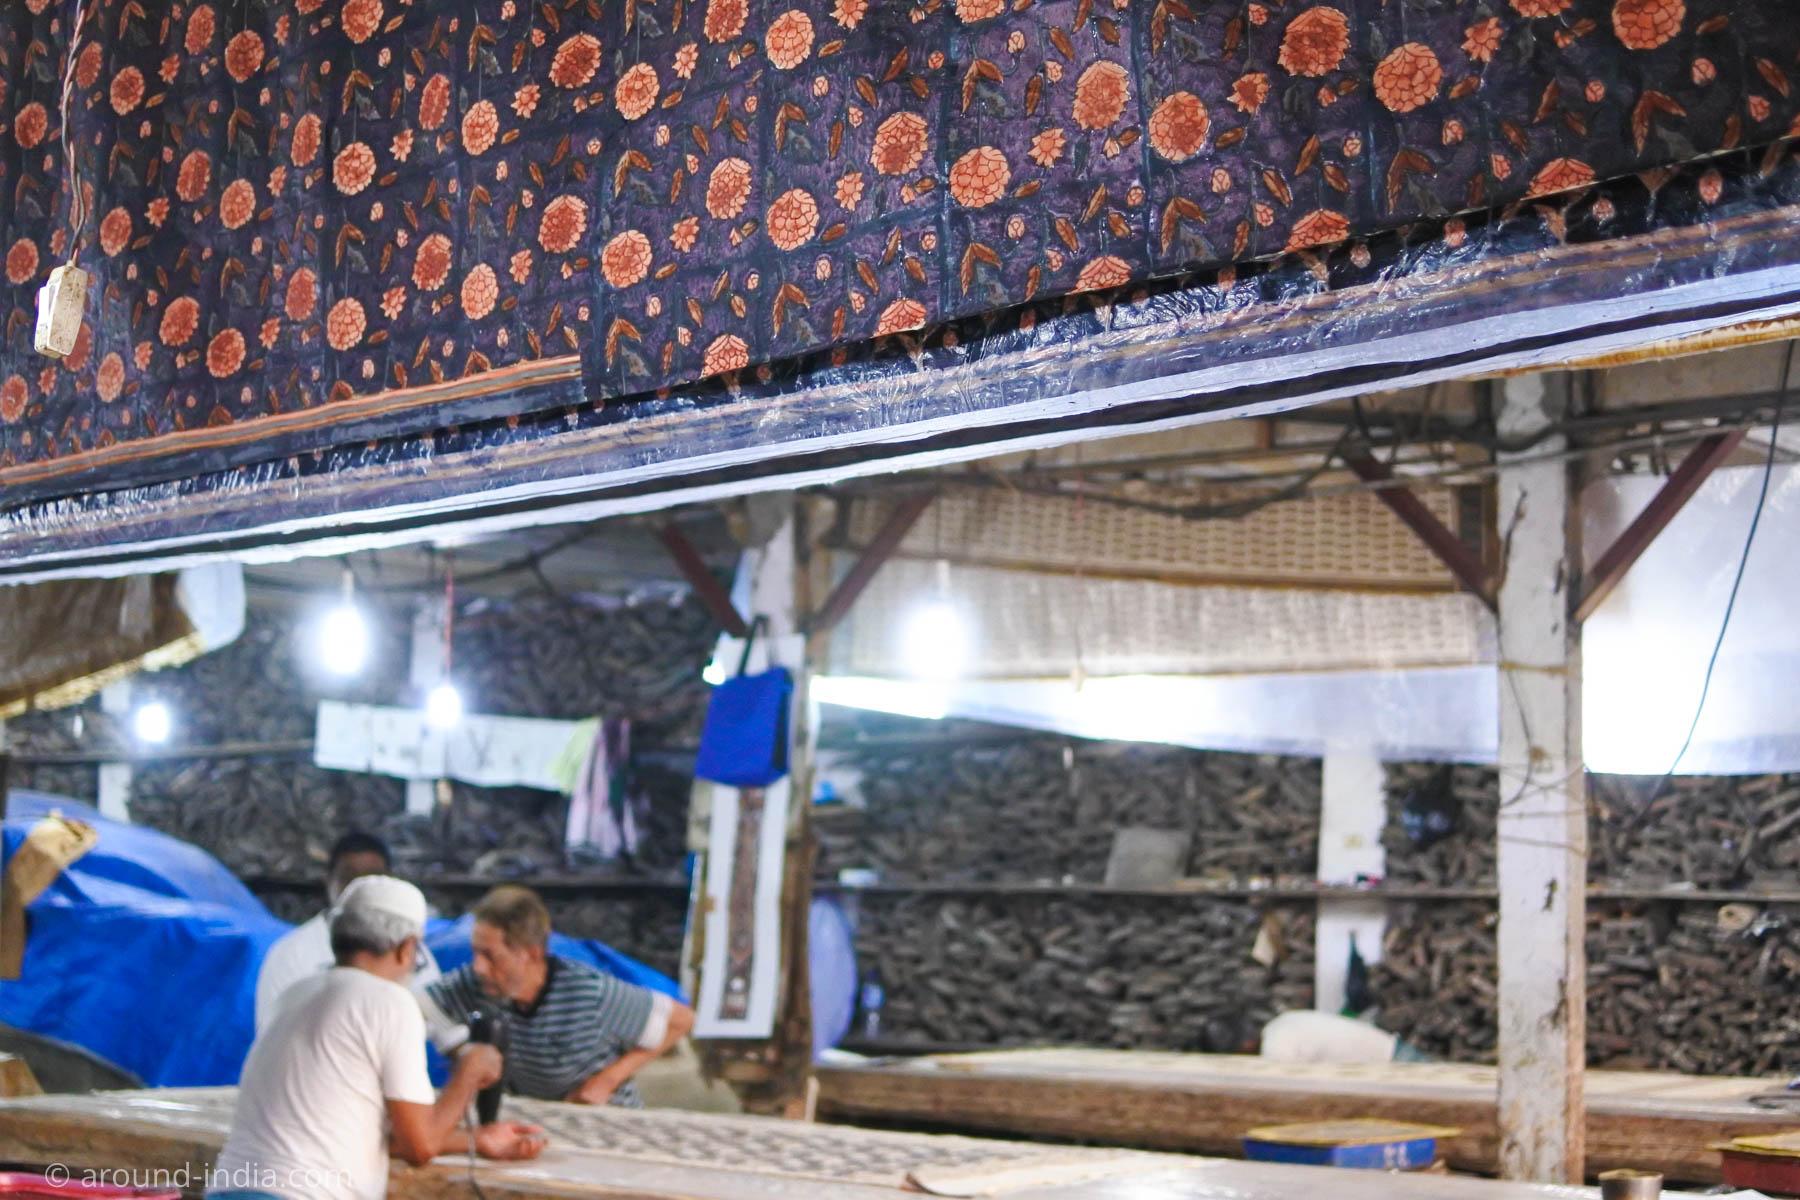 ムンバイ木版プリント工房Pracheen どちらの工房でも天井から布がぶら下がることが多いです